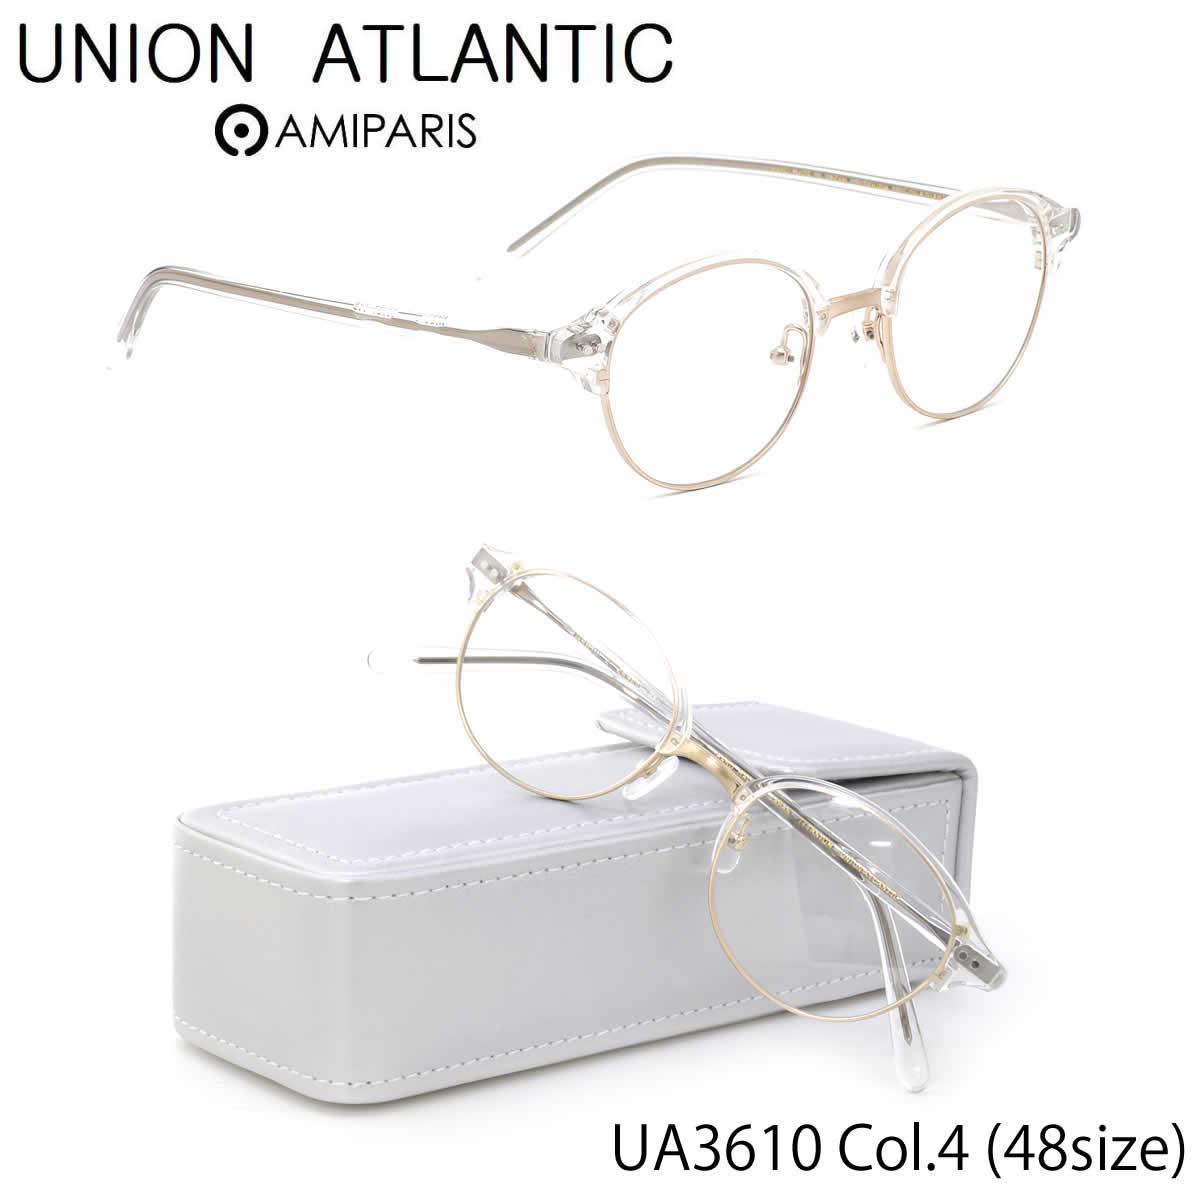 ユニオンアトランティック UNION ATLANTIC メガネ UA3610 4 48サイズ 日本製 丸メガネ コンビネーション AMIPARIS UNIONATLANTIC 伊達メガネレンズ無料 メンズ レディース